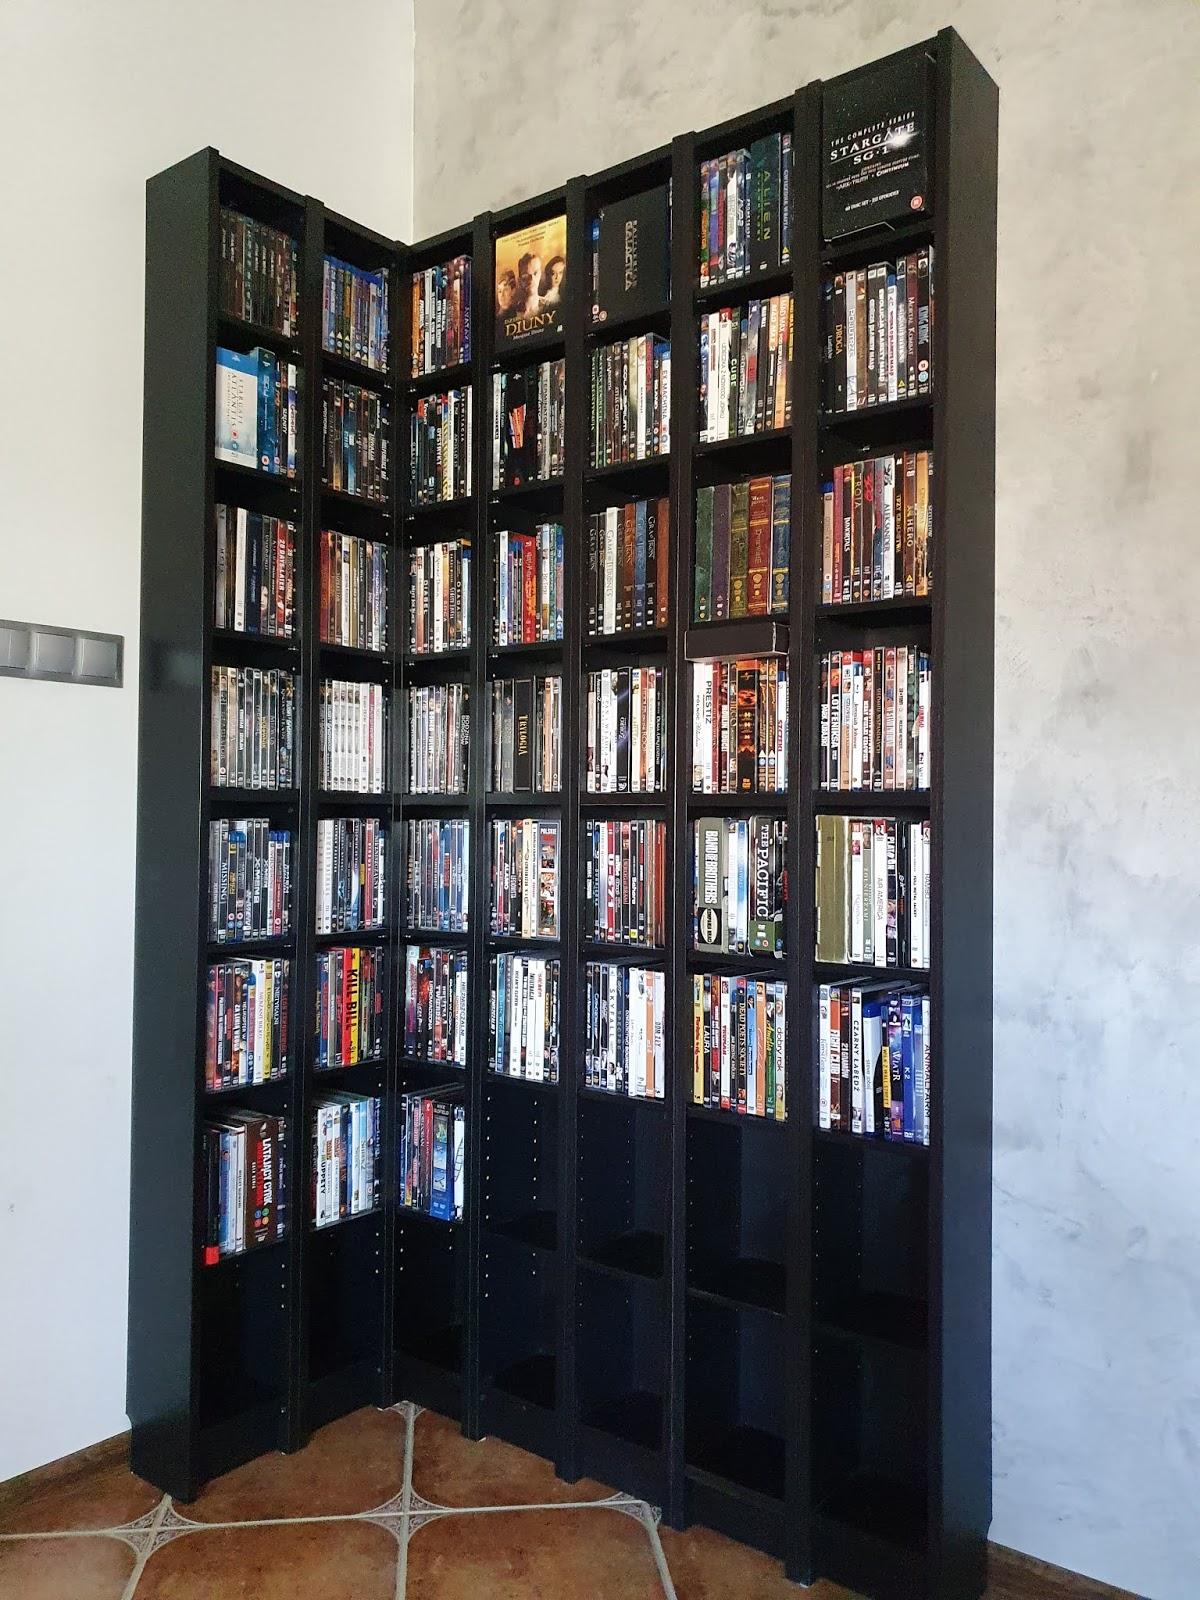 Domowa videoteka - wskazówki dla kolekcjonerów